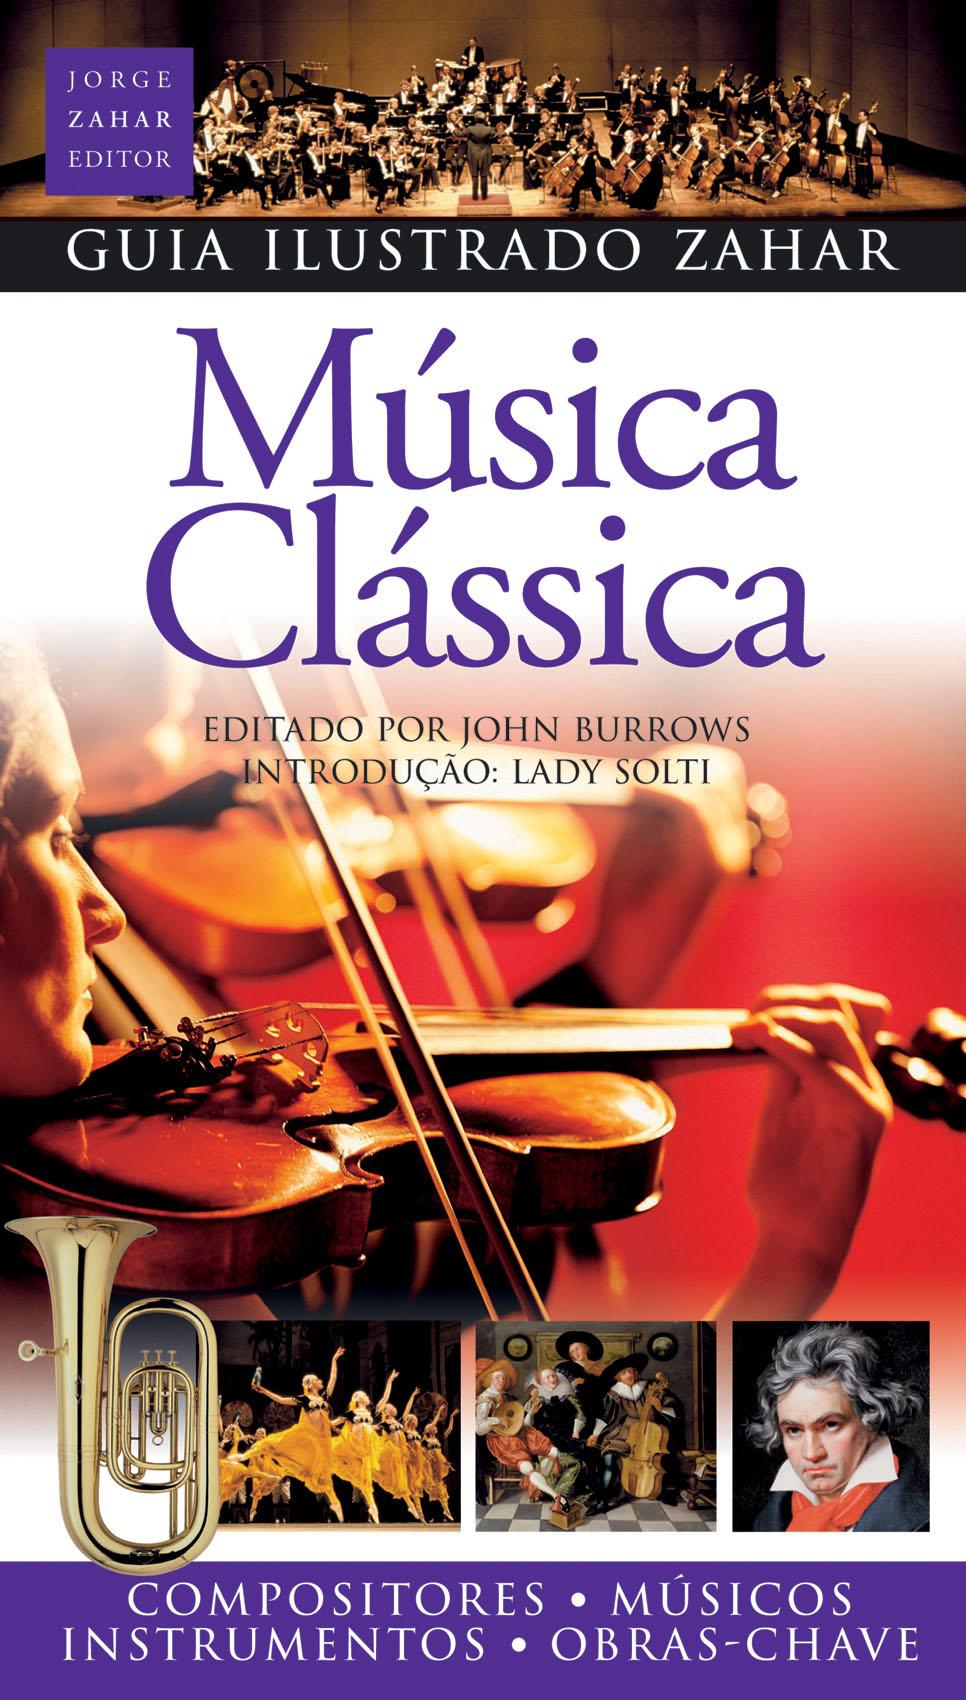 Guia Ilustrado Zahar de Música Clássica